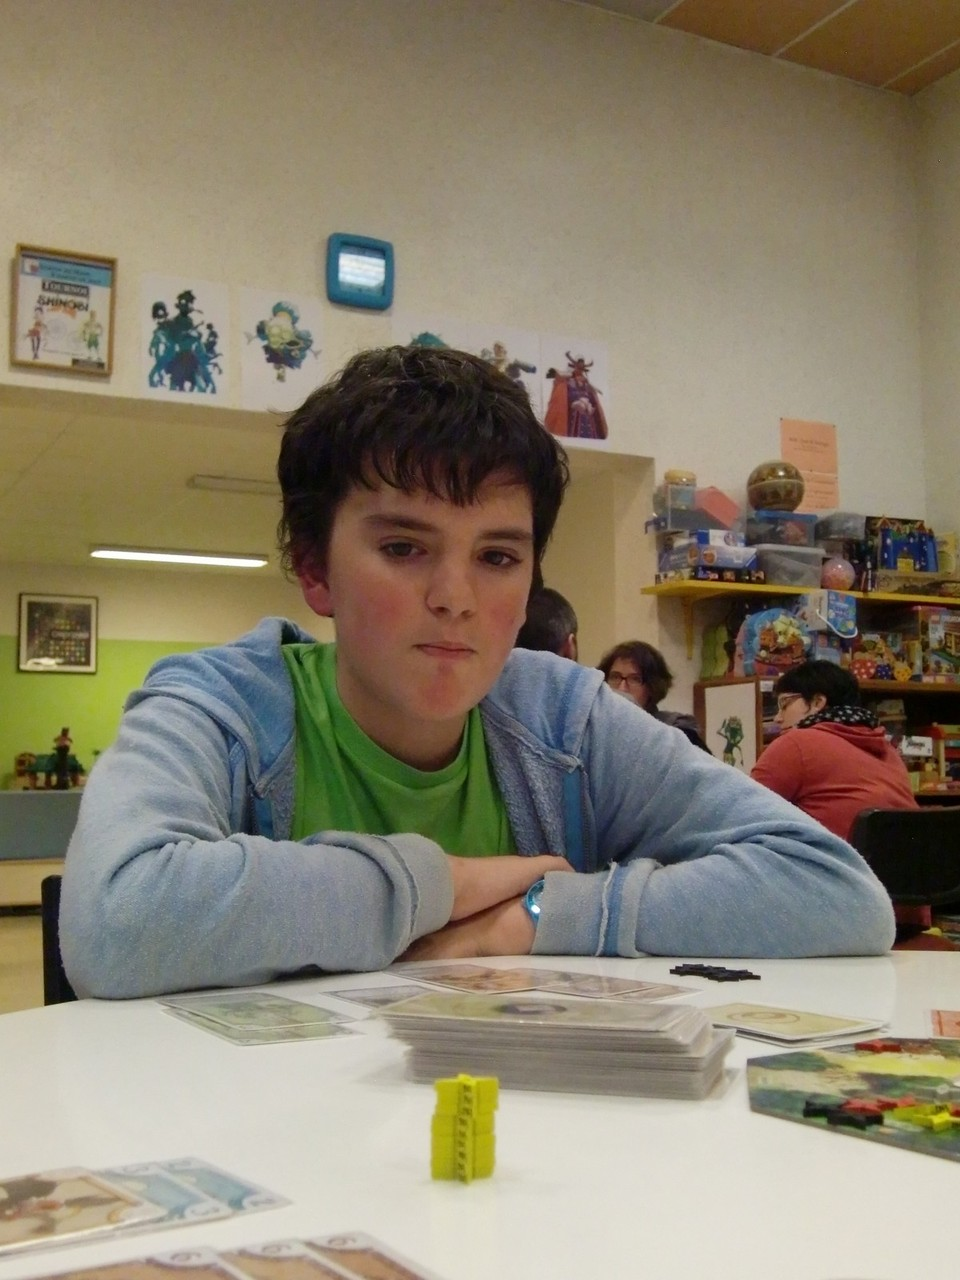 les finalistes : Samuel, attentif au jeu des autres